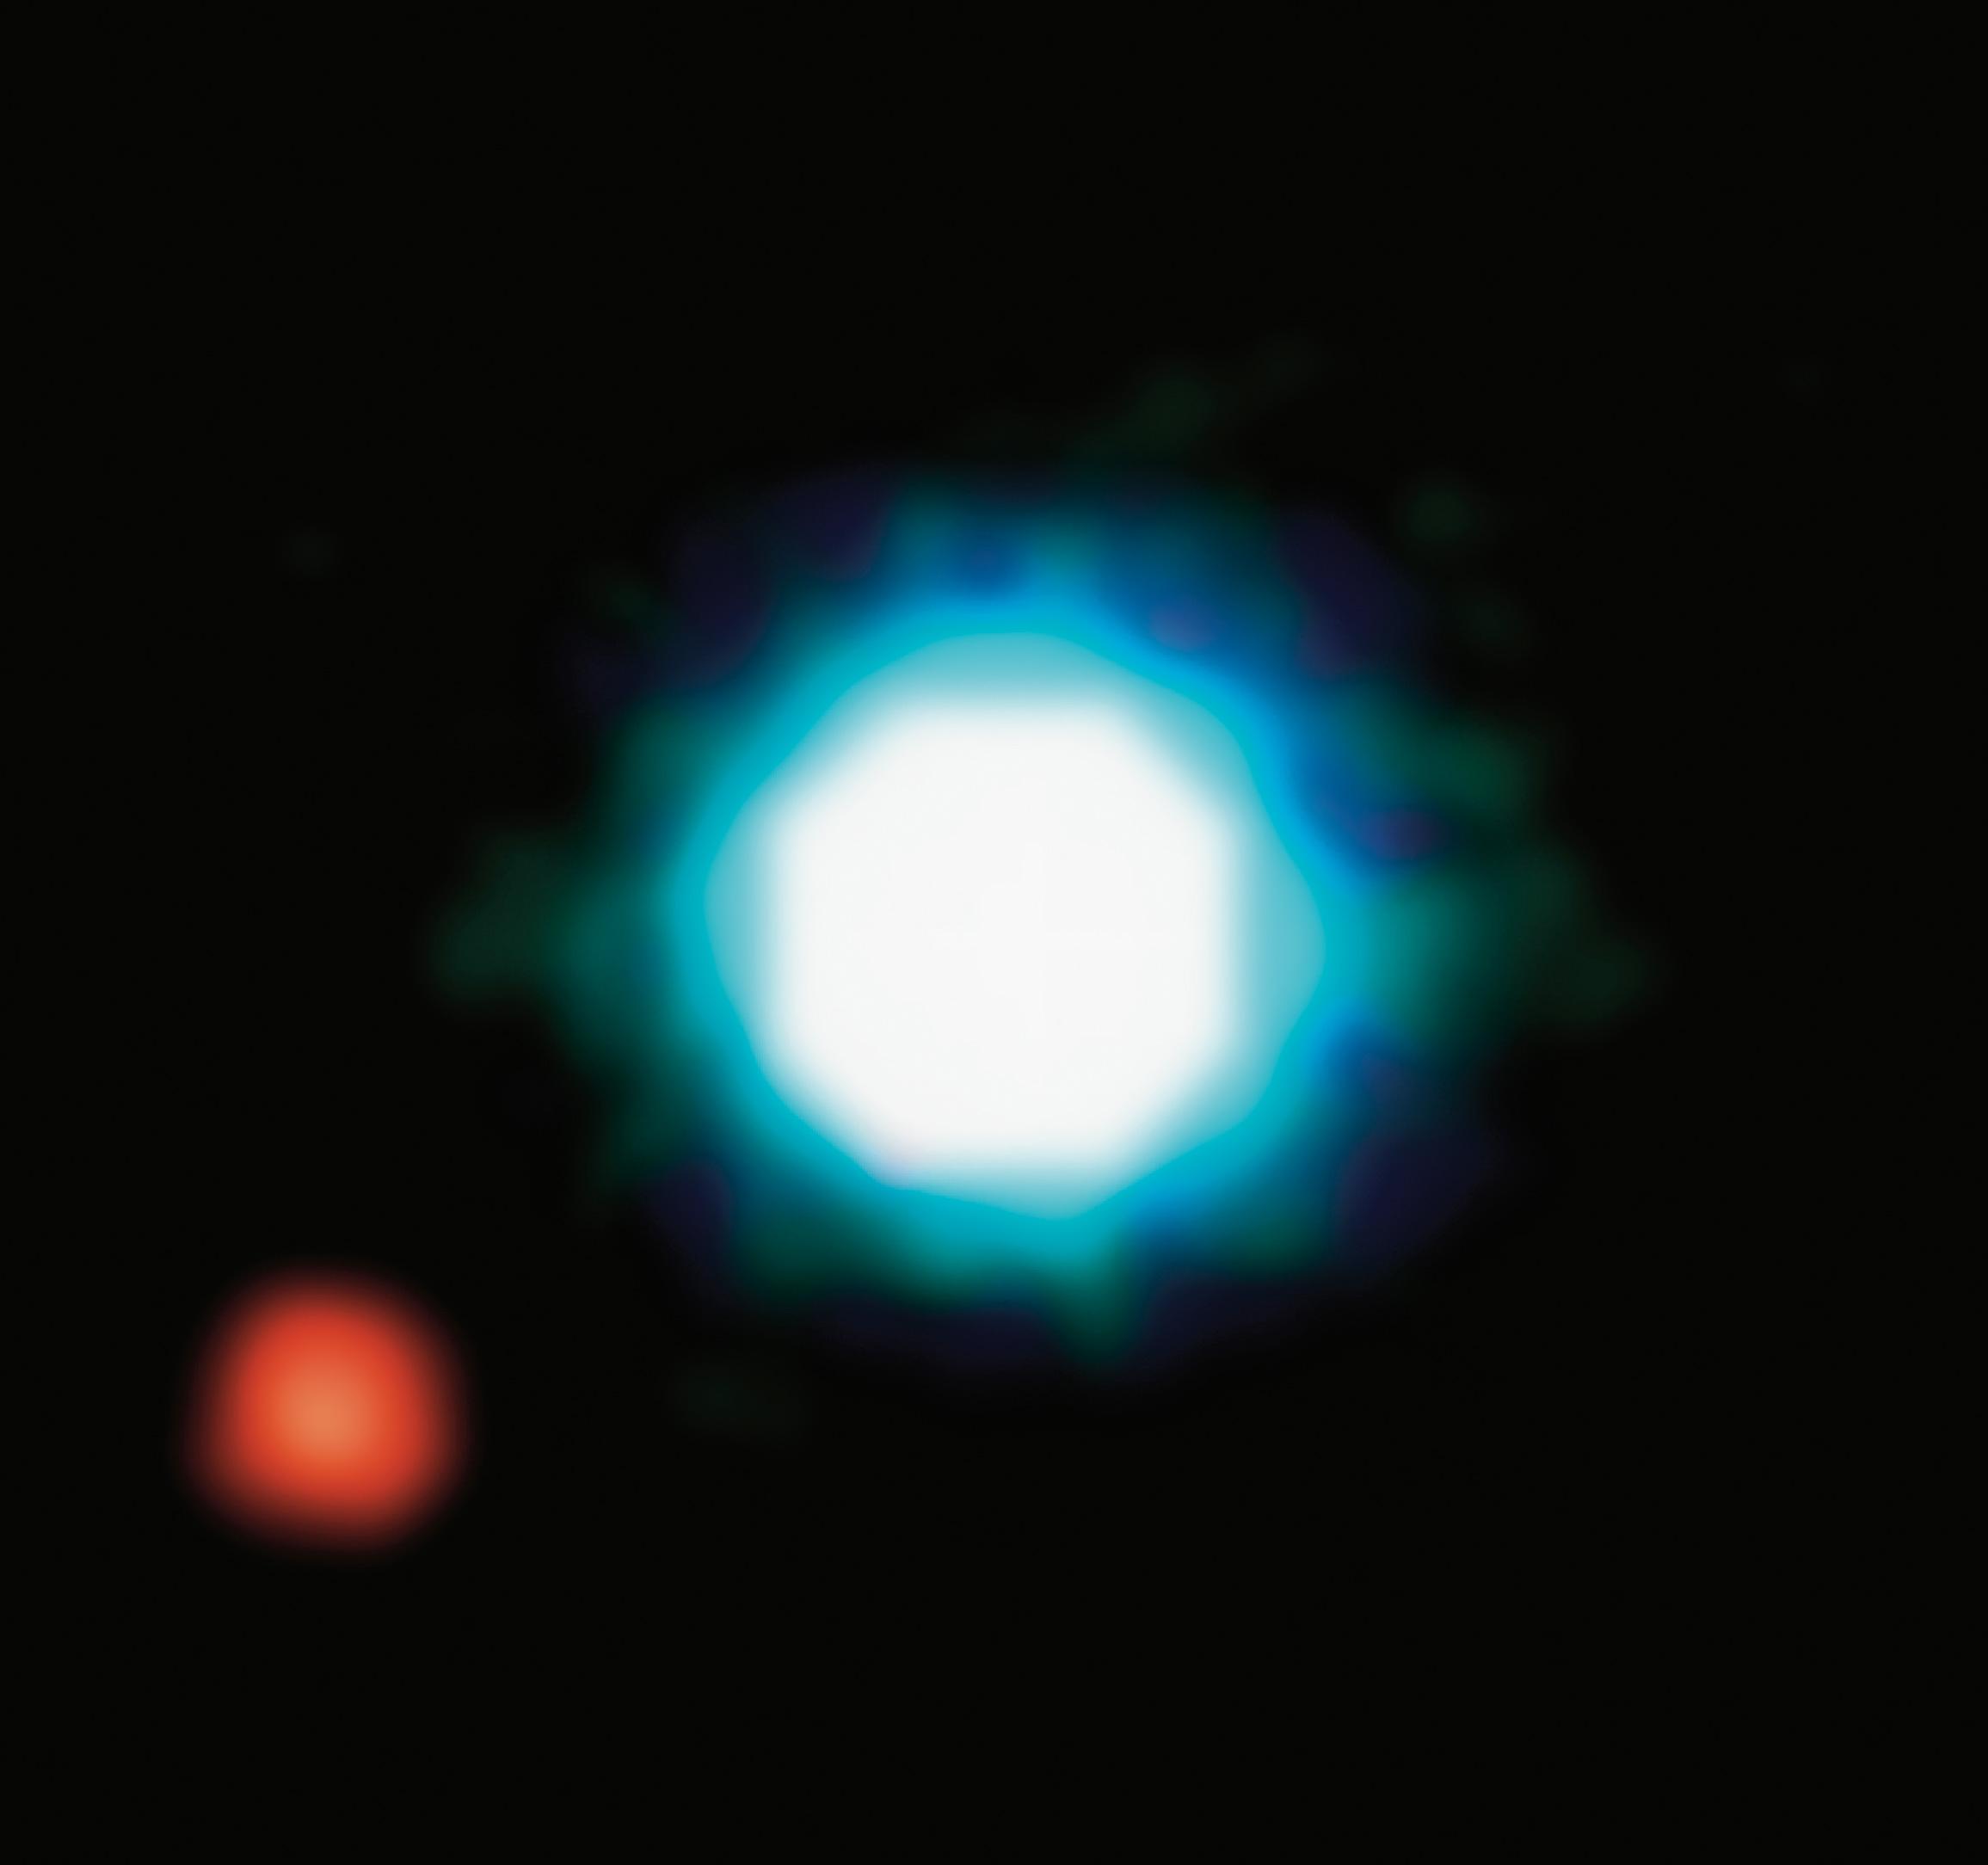 Экзопланета на орбите коричневого карлика 2M1207. Это первый в истории снимок экзопланеты (2004 год). Период её обращения вокруг звезды превышает 2450 лет (ESO Paranal Observatory).